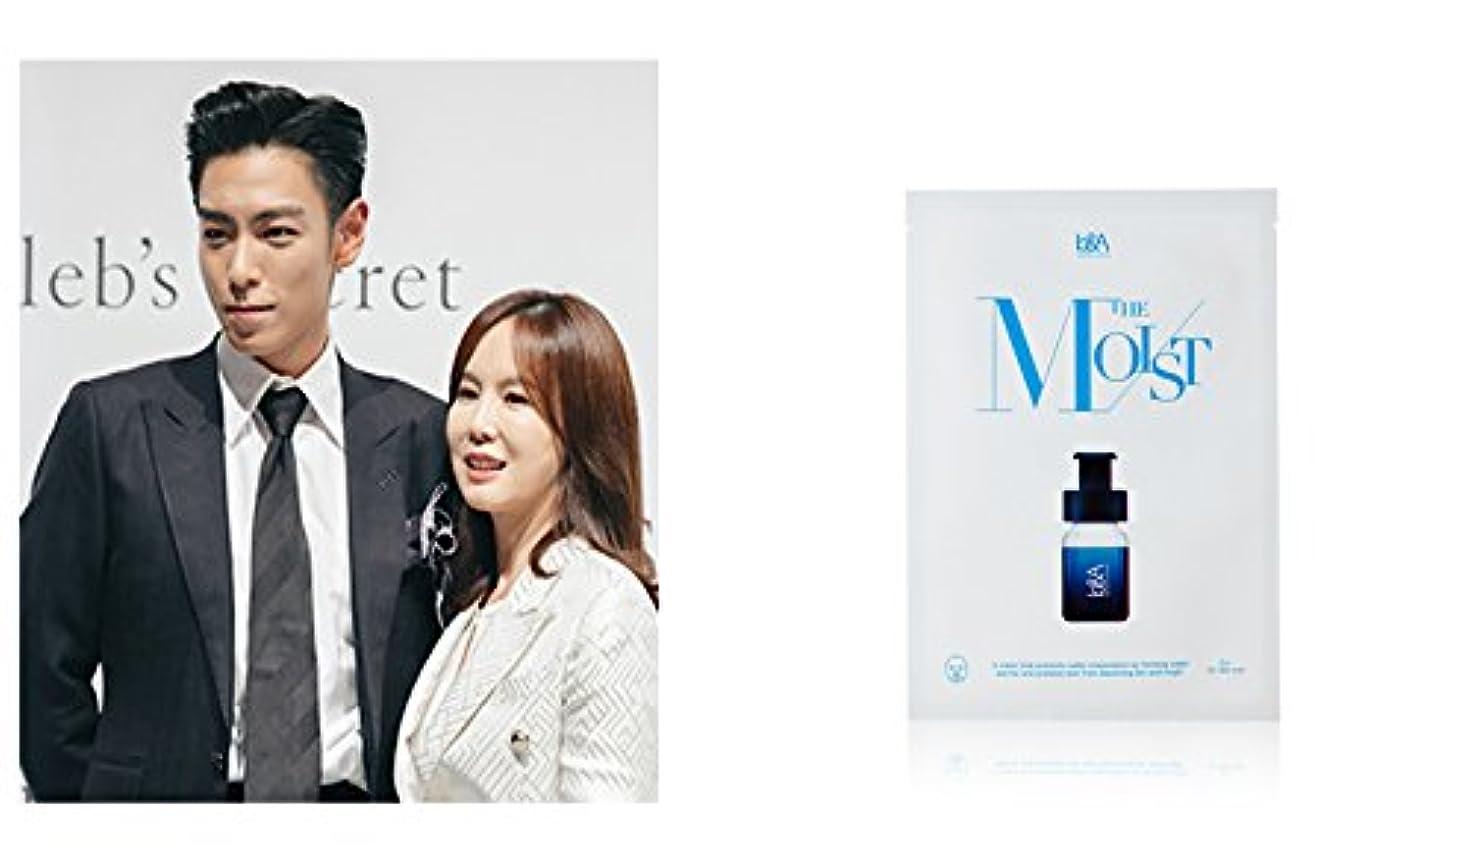 スチール死んでいる性能BigBang Top [K cosmetic][K beauty] Celeb's-Secret THE MOIST MASK / 5pcs [海外直送品][並行輸入品]